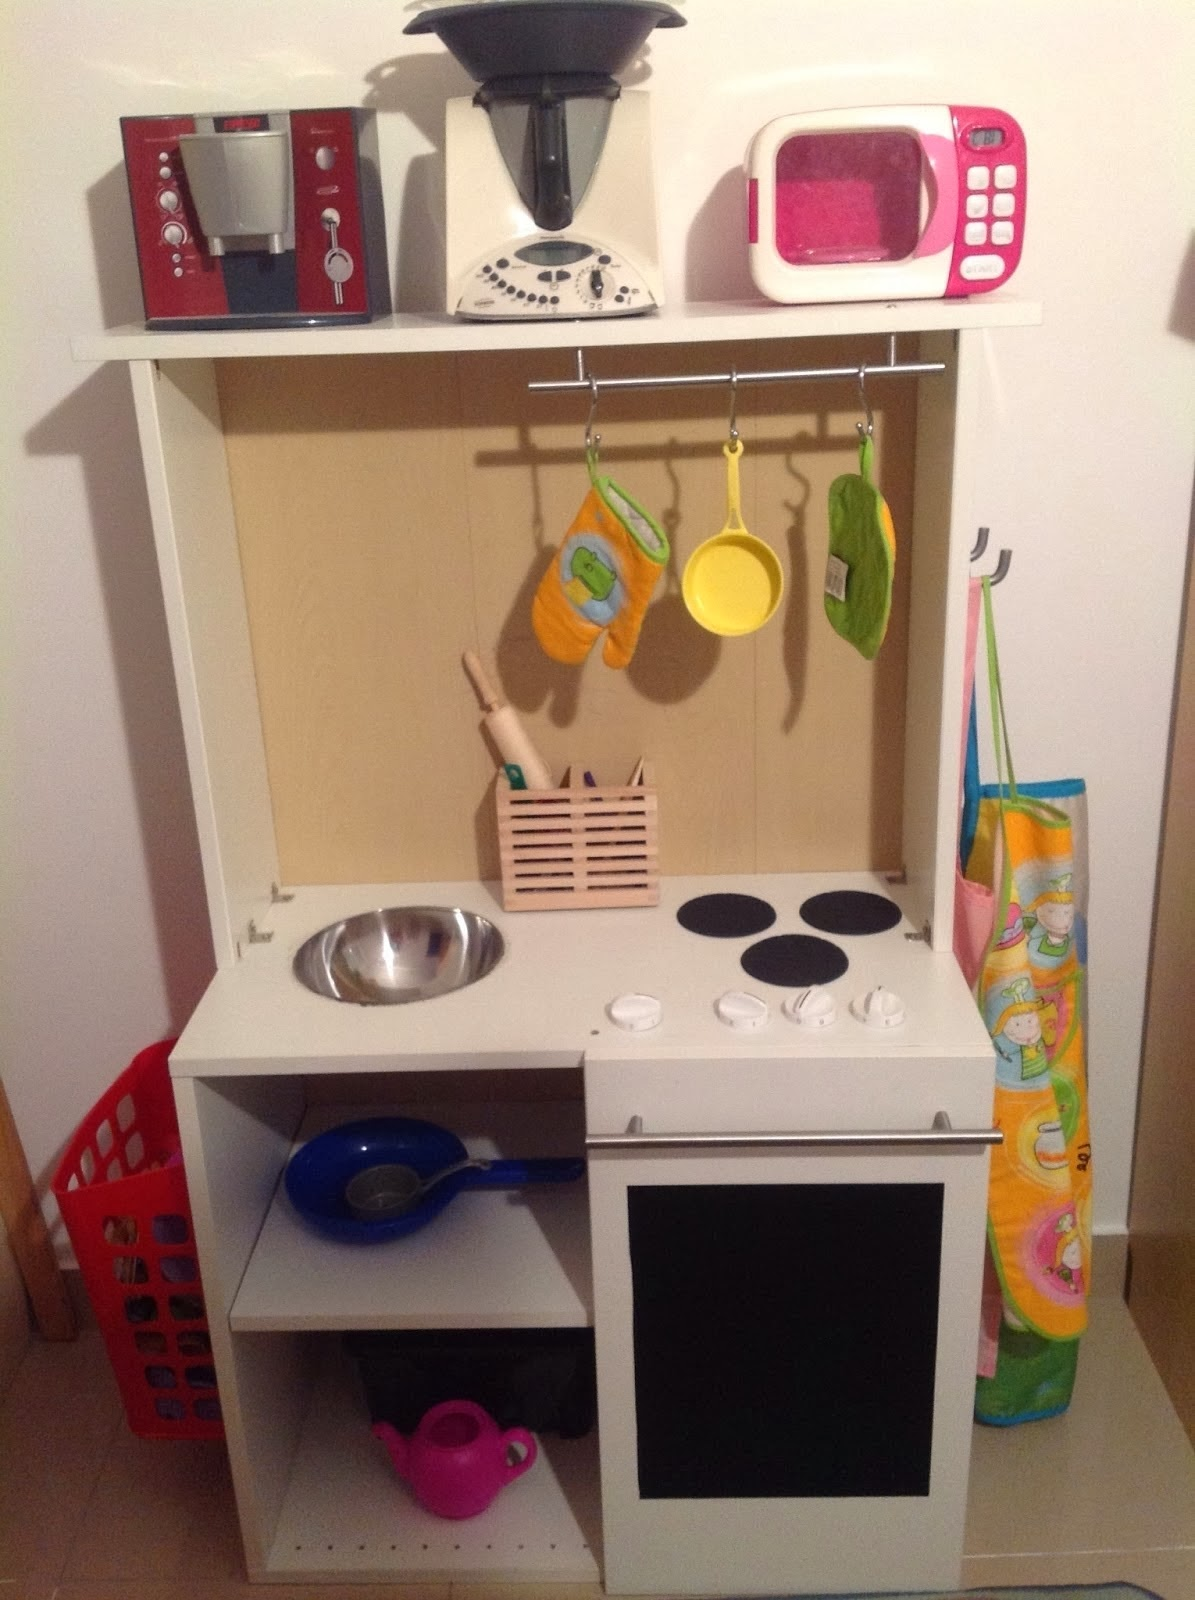 Una cocina de juguete en un mueble faktum mi llave allen - Cocina de juguete ...